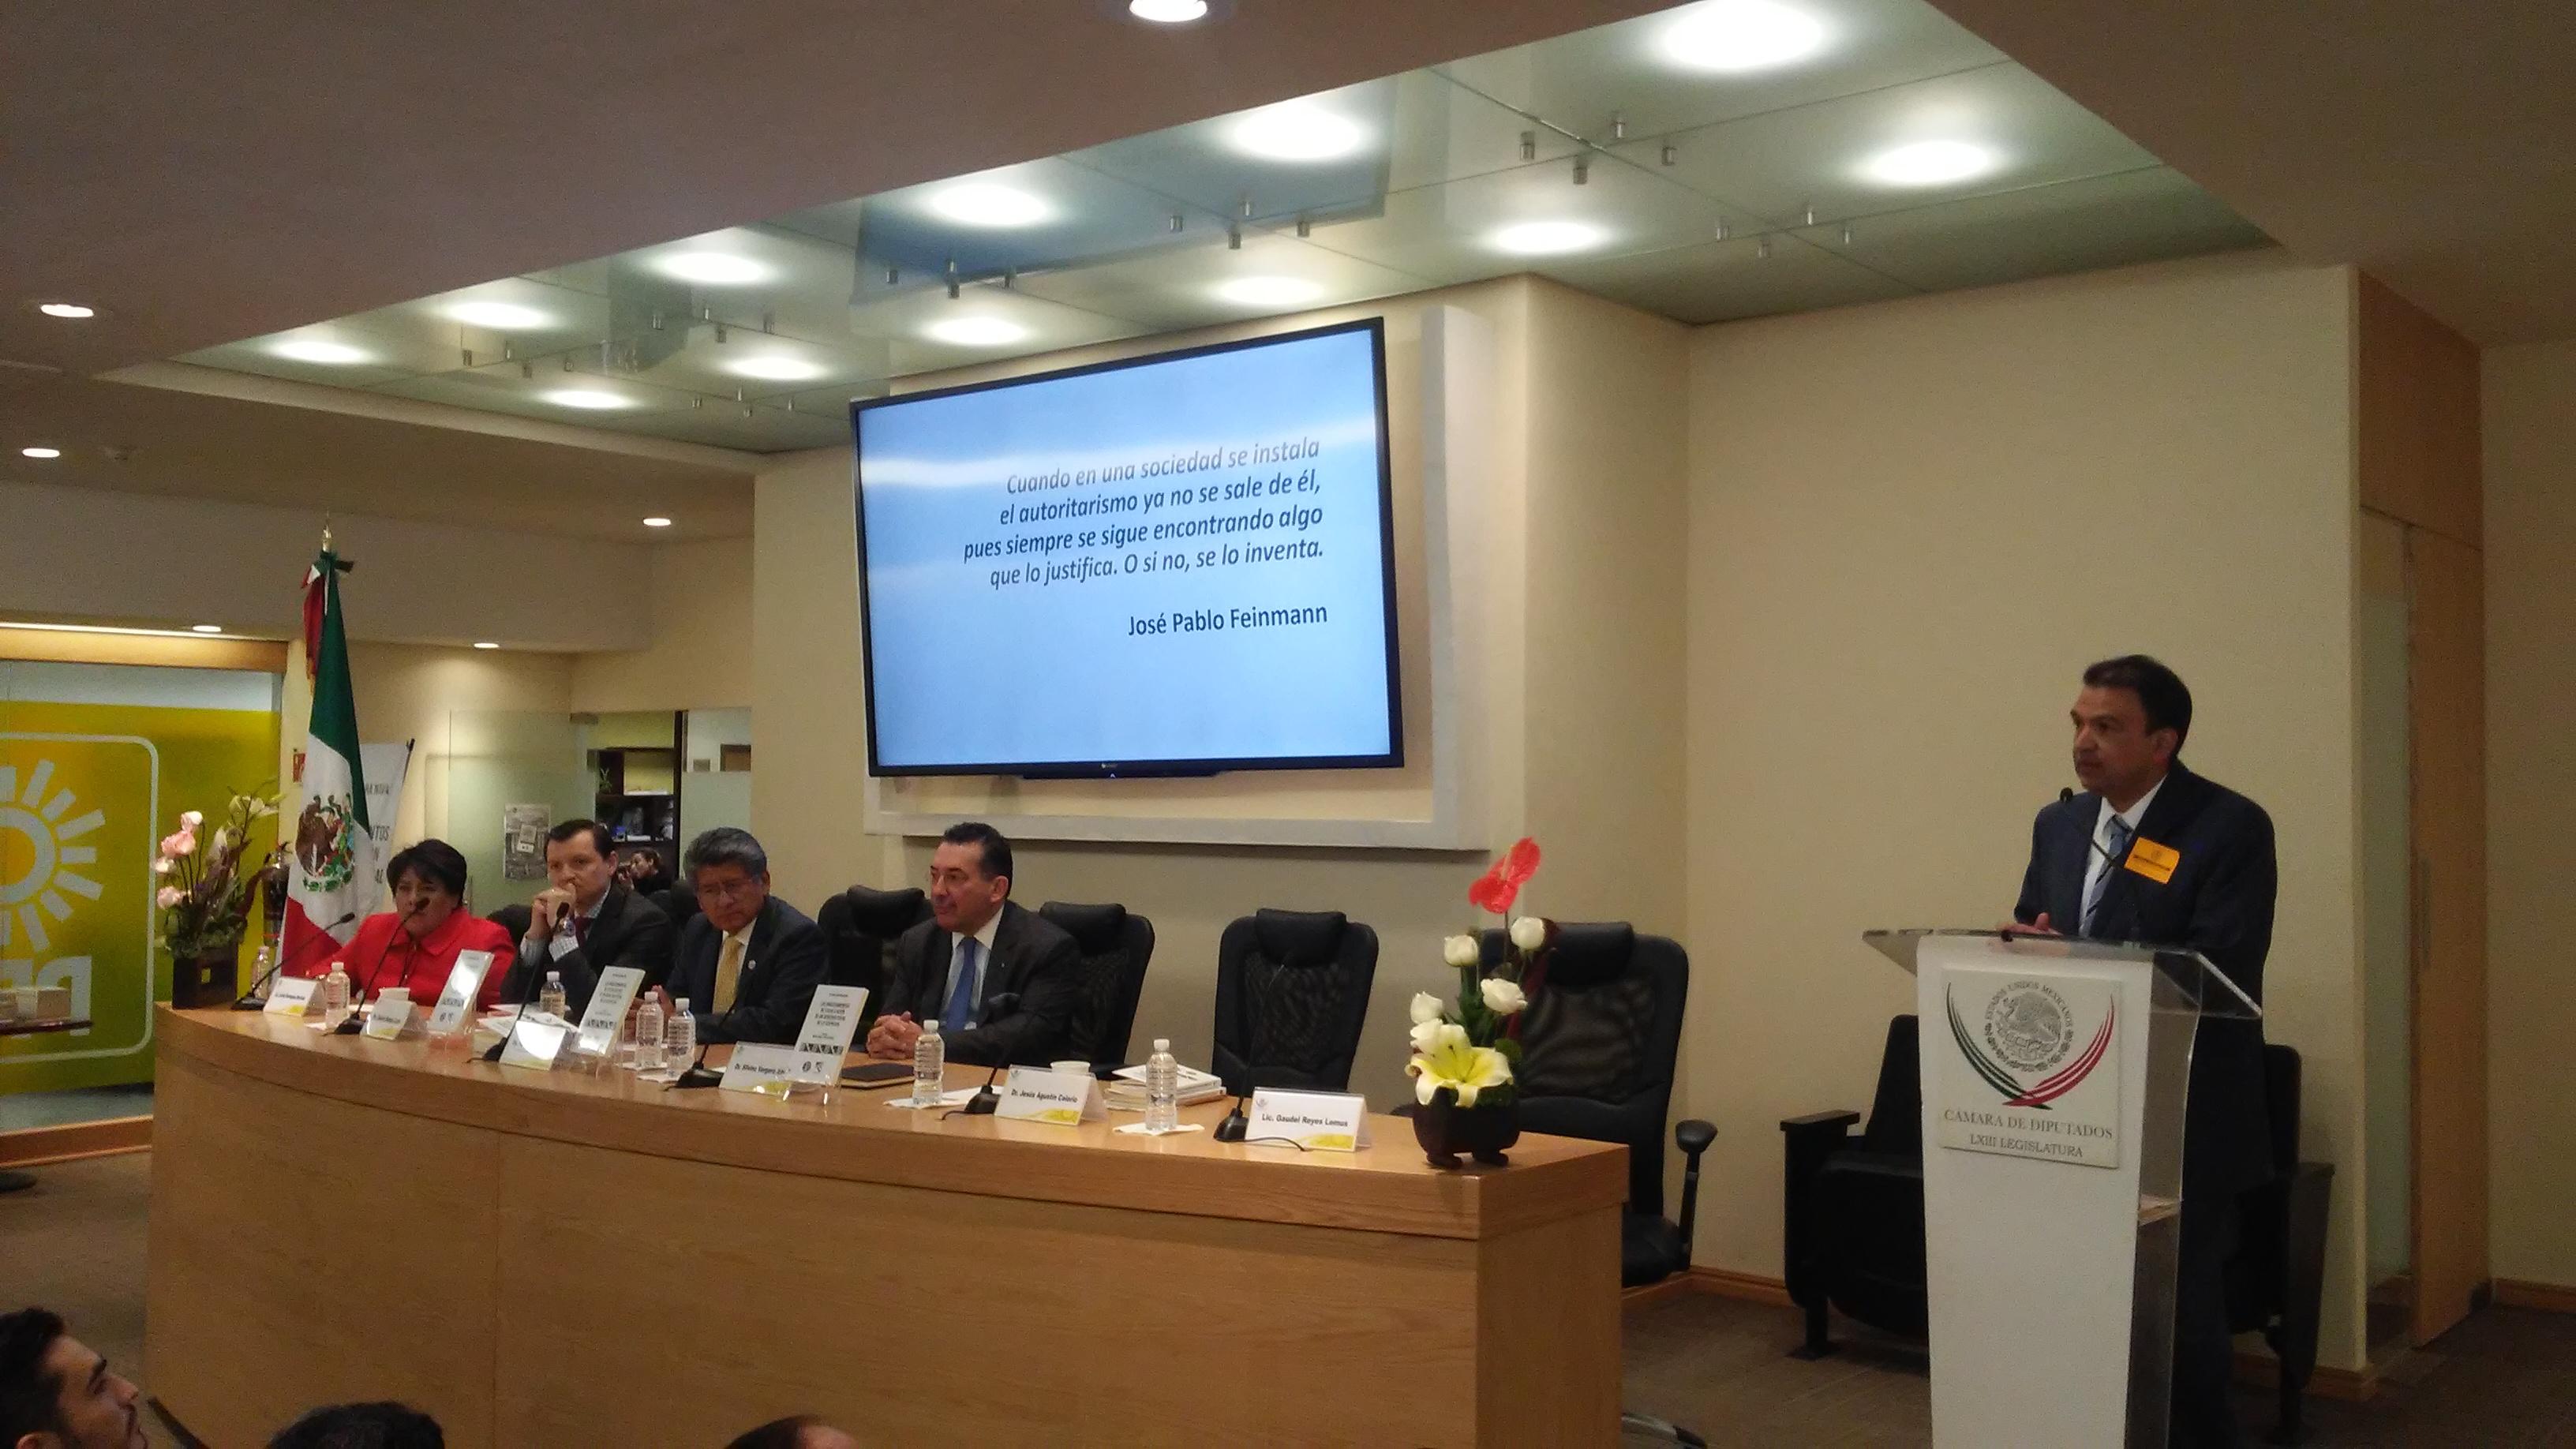 Presenta obra maestro de la ELDP en la Cámara de Diputados